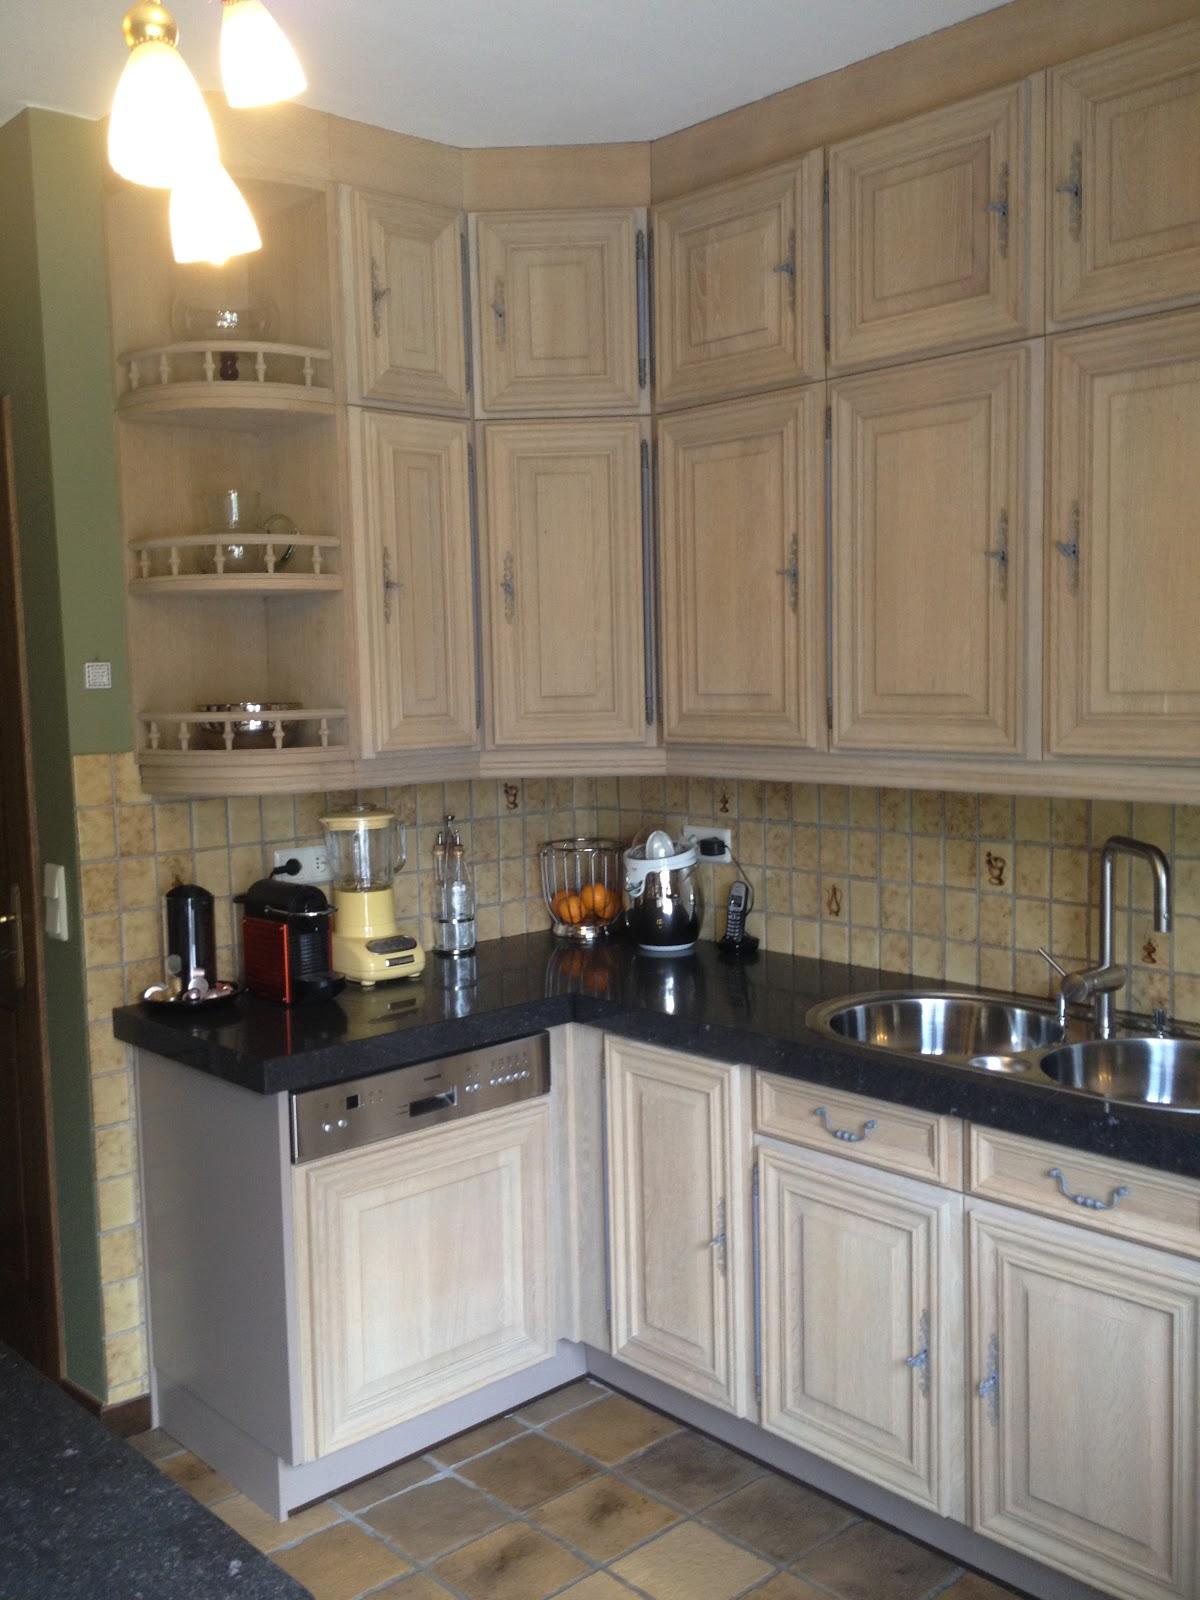 Bekend Renovatie van eiken keukens: Zandstralen, vernieuwen, beitsen en  LY01